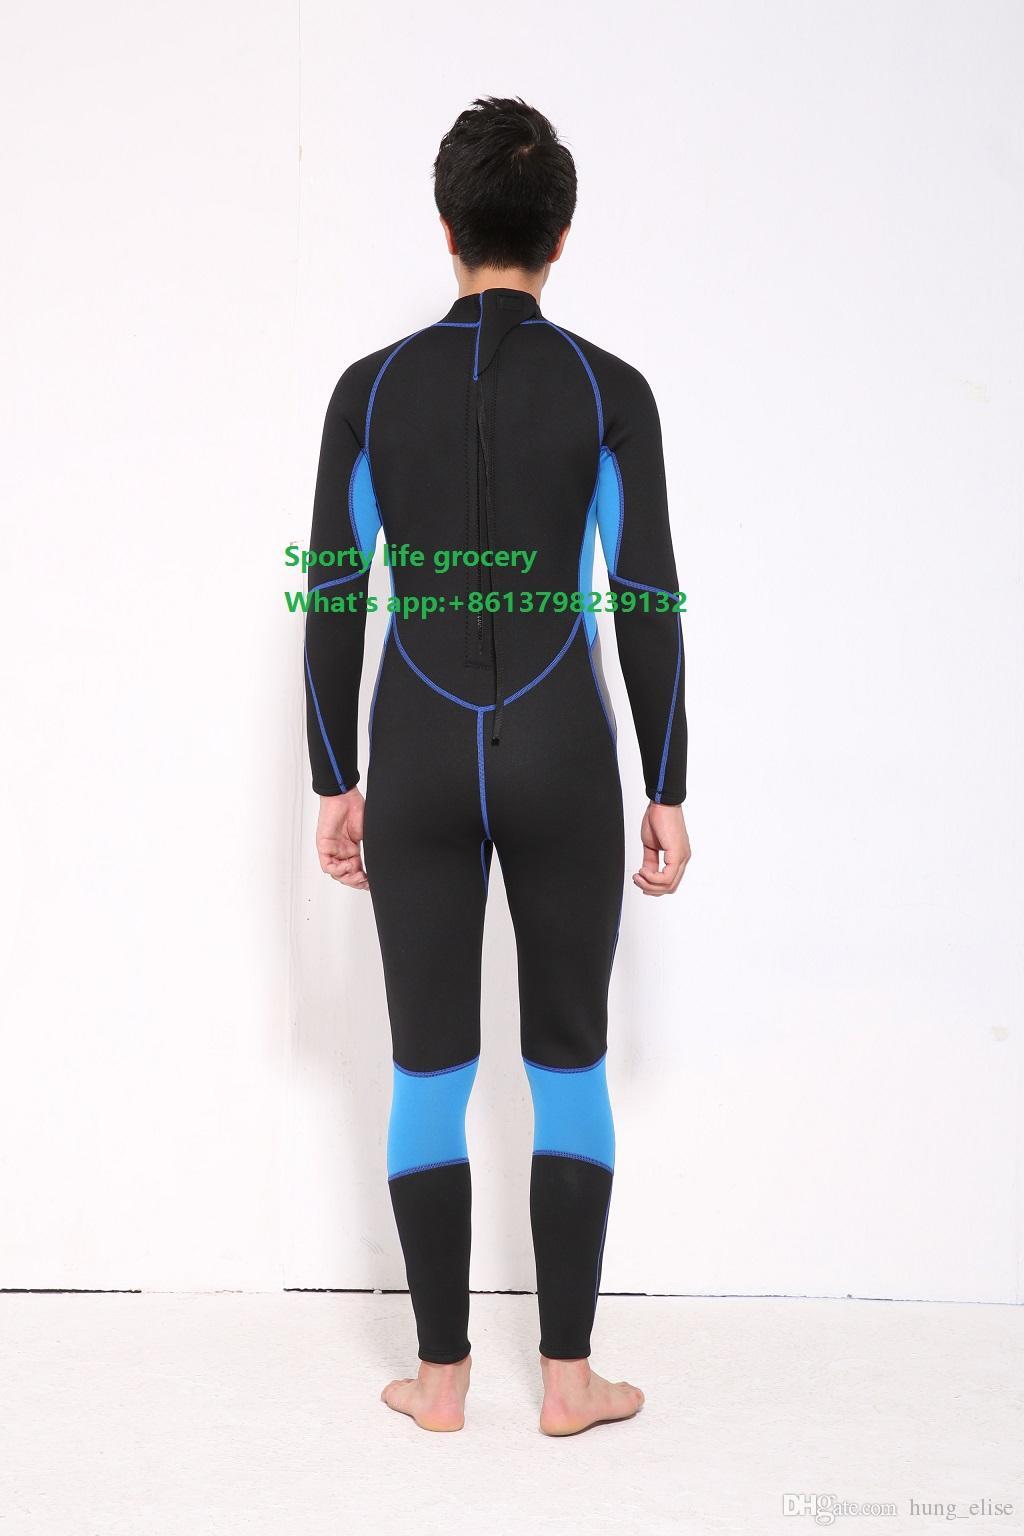 Wetsuit mergulho 3mm ternos para homens neoprene natação, roupas de surf mergulho quipment, macacão, bodysuit completo